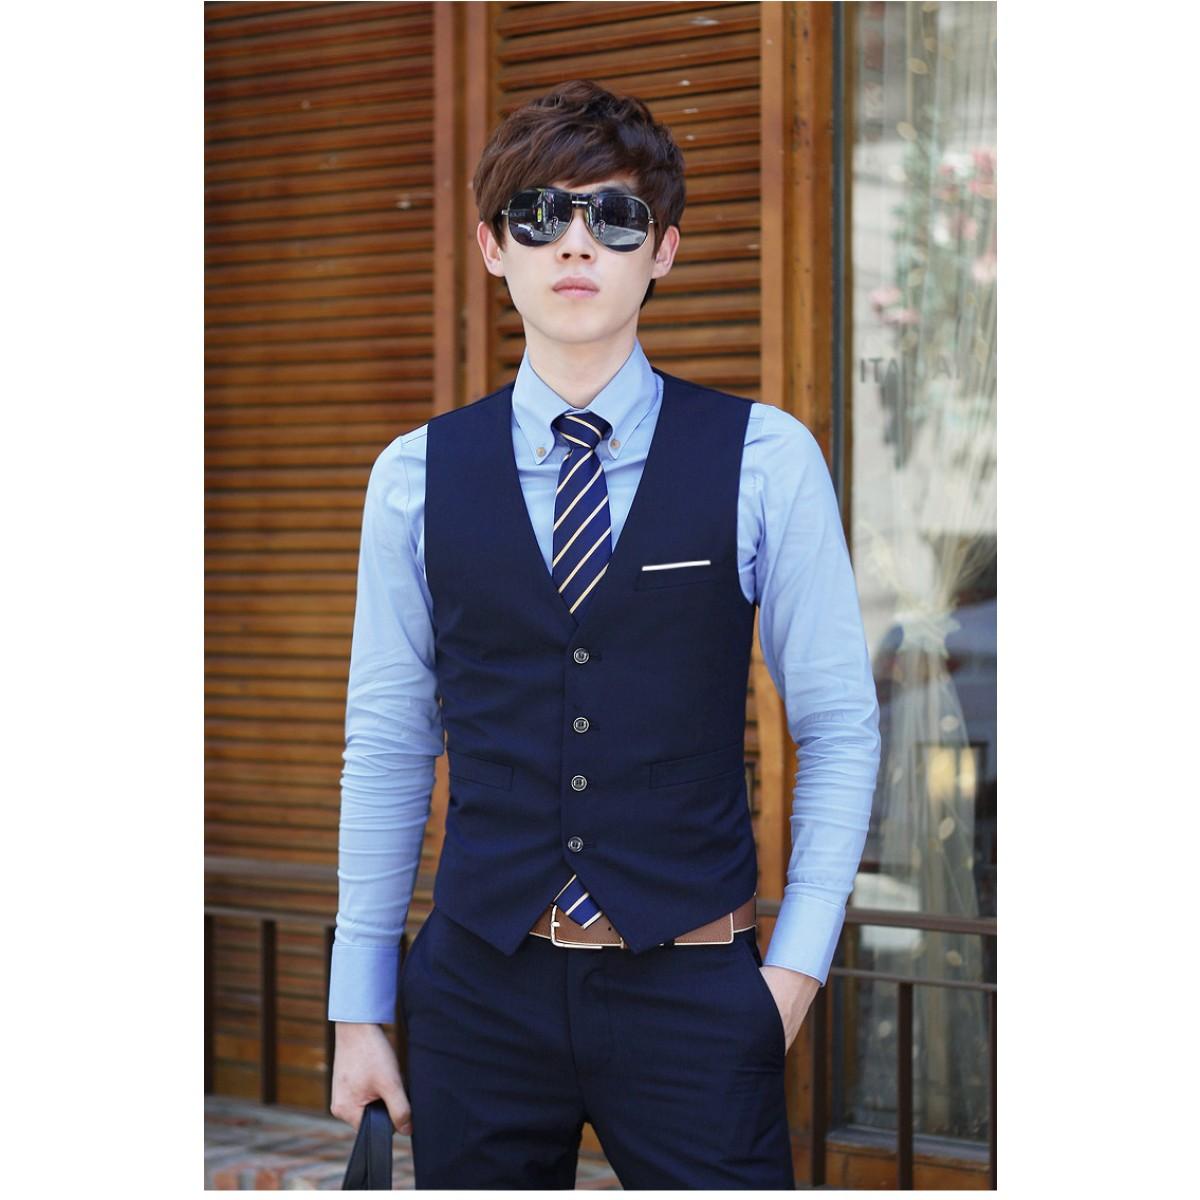 comment acheter bien connu site autorisé Gilet costume homme en jean - fermeleycaut.fr